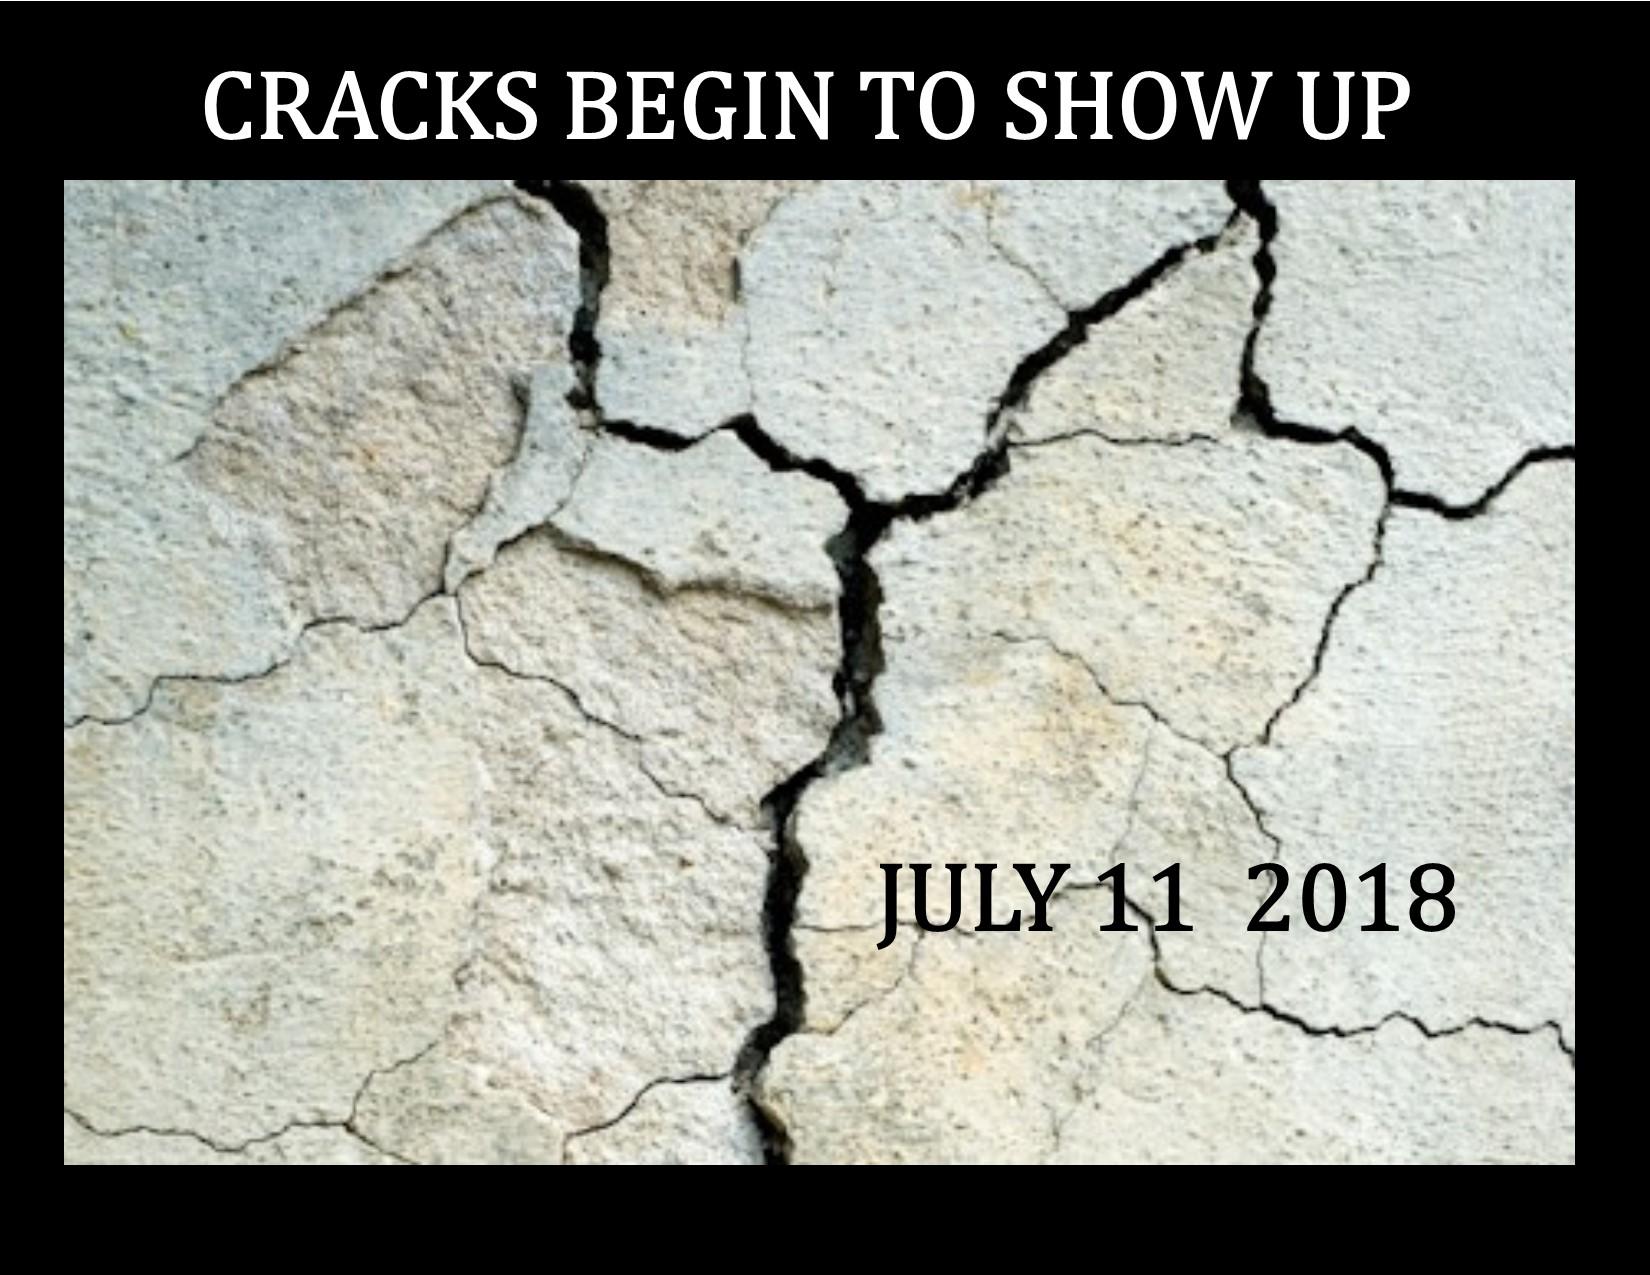 JULY 2018 UPDATE 7-11-18 PEG